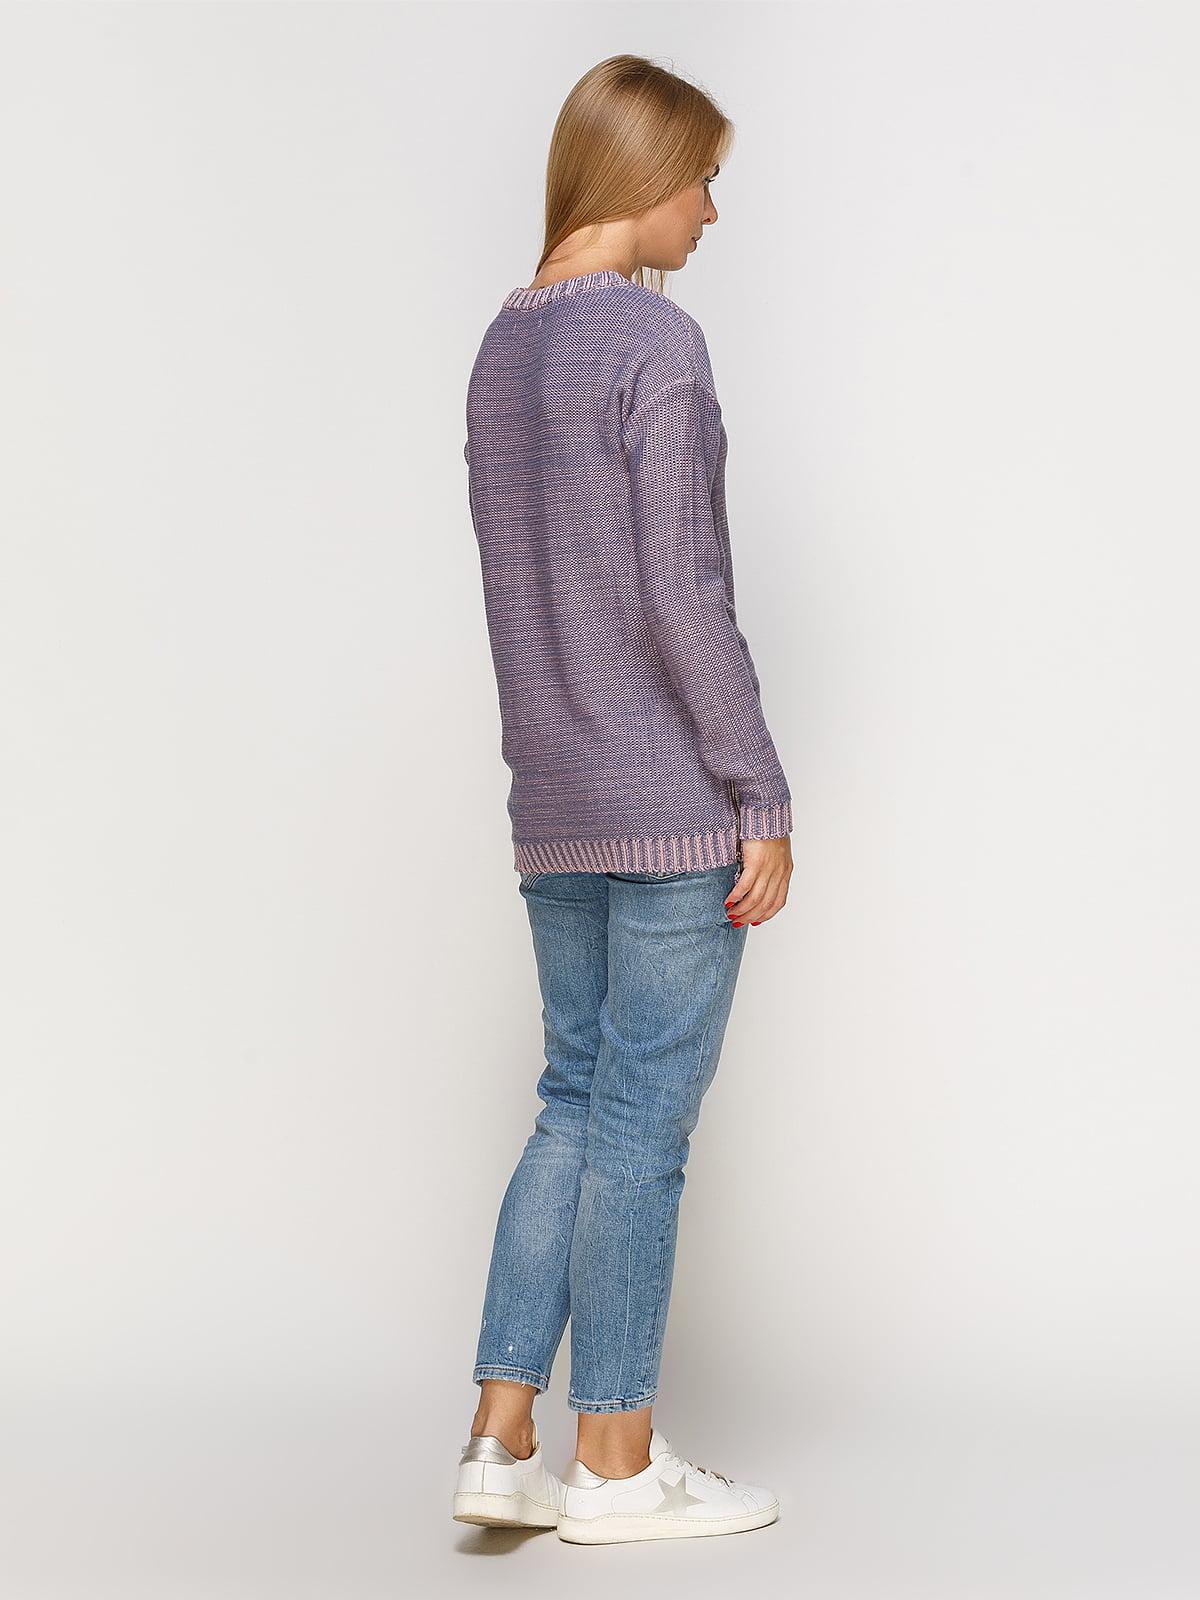 Джемпер рожево-блакитний   4566890   фото 3